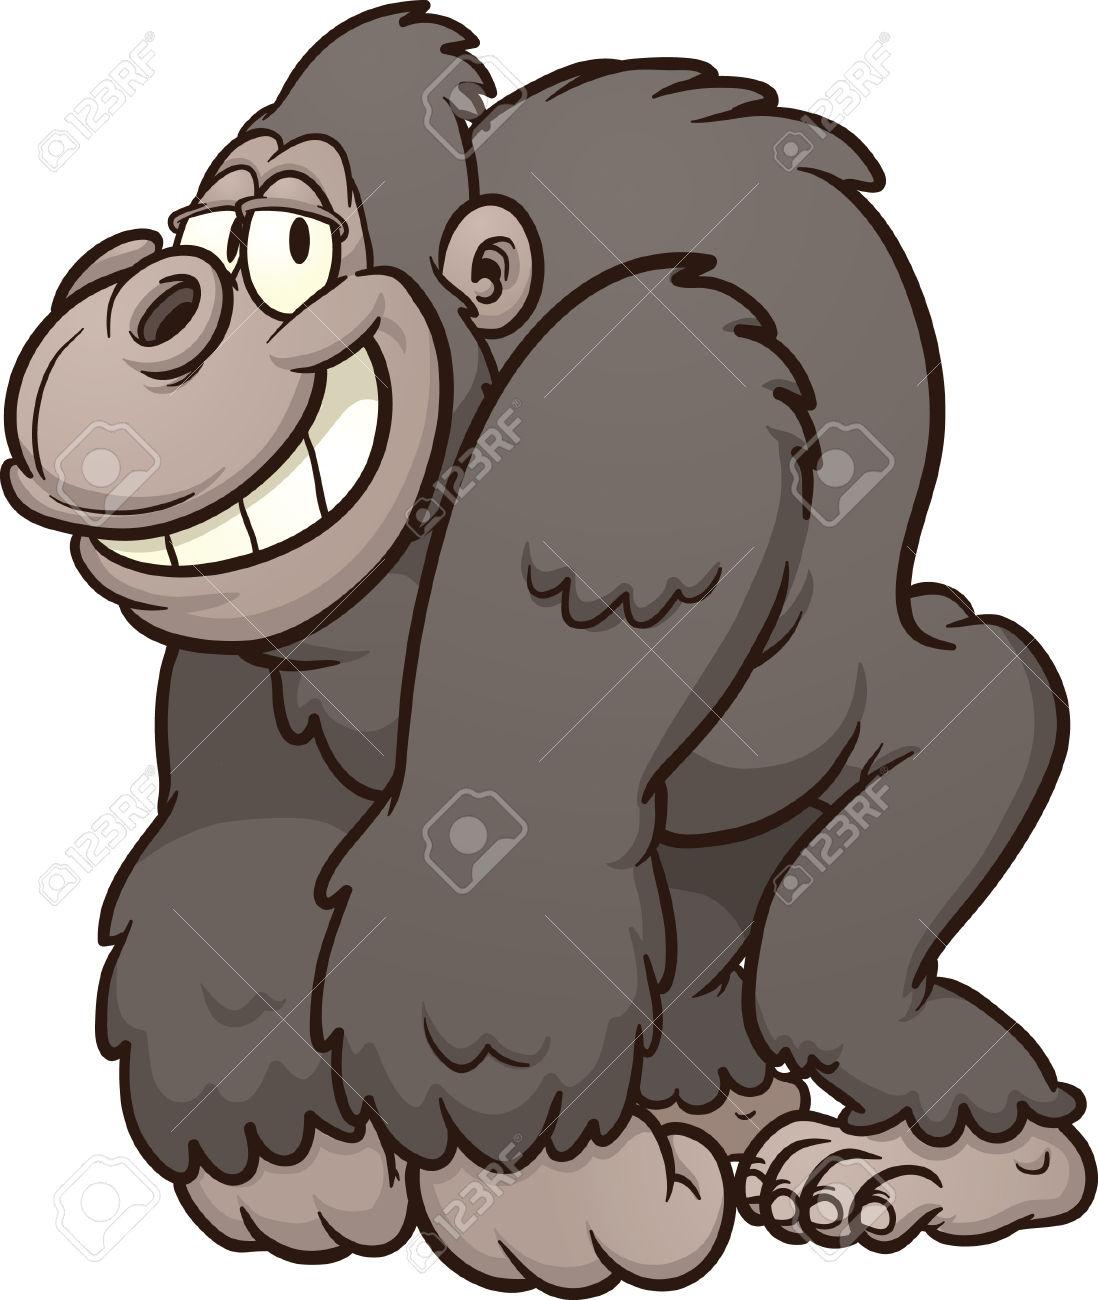 Gorilla Clipart #17735-Gorilla Clipart #17735-11